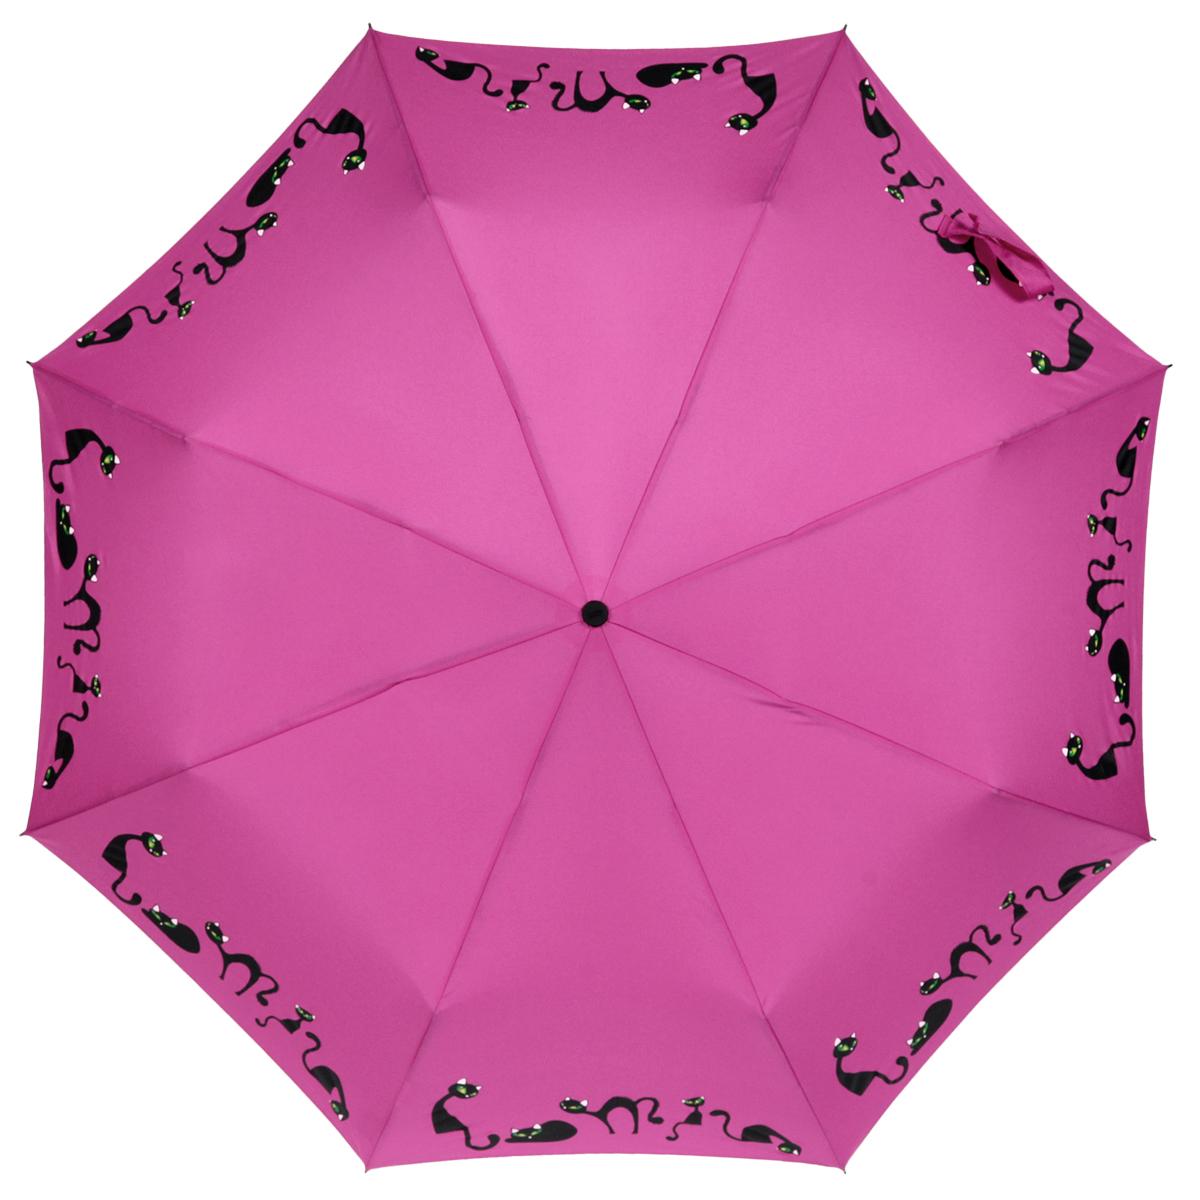 Зонт женский Zest, автомат, 4 сложения, цвет: фиолетовый. 24759-102324759-1023Элегантный автоматический зонт Zest в 4 сложения изготовлен из высокопрочных материалов. Каркас зонта состоит из 8 спиц и прочного алюминиевого стержня. Специальная система Windproof защищает его от поломок во время сильных порывов ветра. Купол зонта выполнен из прочного полиэстера с водоотталкивающей пропиткой и оформлен изображением прелестных кошечек. Используемые высококачественные красители обеспечивают длительное сохранение свойств ткани купола. Рукоятка, разработанная с учетом требований эргономики, выполнена из пластика. Зонт имеет полный автоматический механизм сложения: купол открывается и закрывается нажатием кнопки на рукоятке, стержень складывается вручную до характерного щелчка. Благодаря этому открыть и закрыть зонт можно одной рукой, что чрезвычайно удобно при входе в транспорт или помещение. Небольшой шнурок, расположенный на рукоятке, позволяет надеть изделие на руку при необходимости. Модель закрывается при помощи хлястика на застежку-липучку. К зонту...